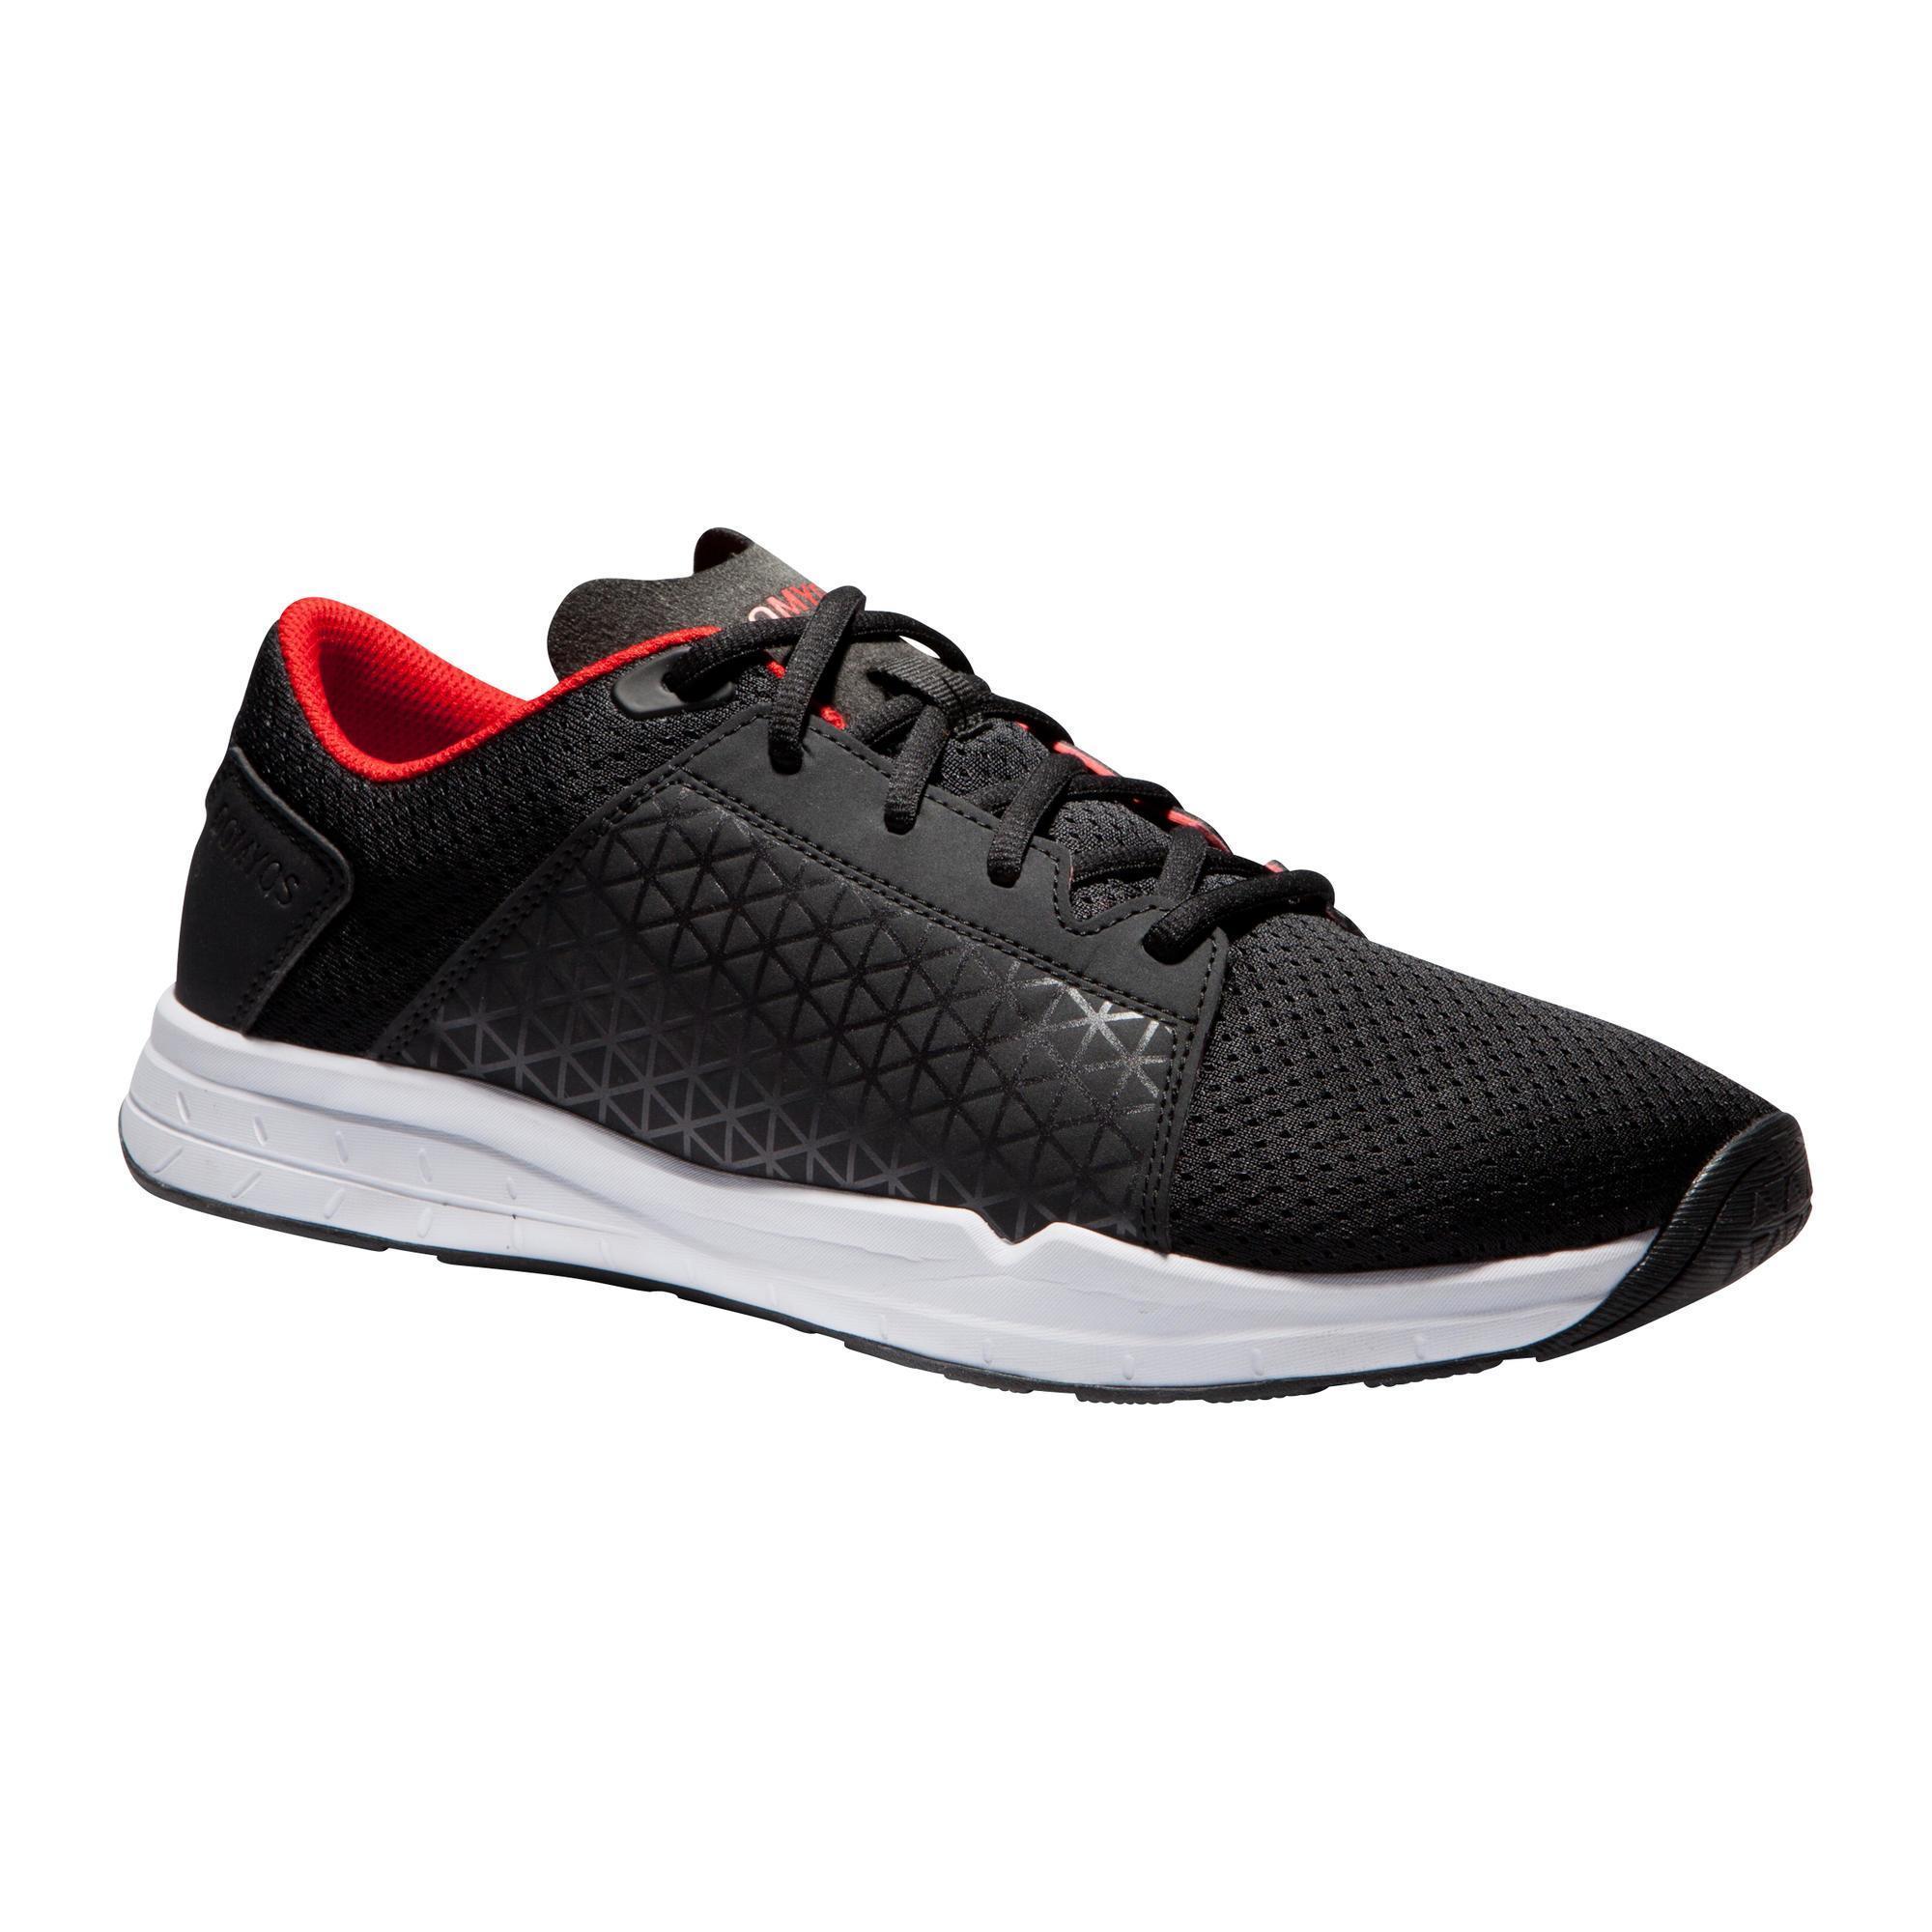 1a47dfc44 Comprar Zapatillas de Fitness para Gimnasio Online